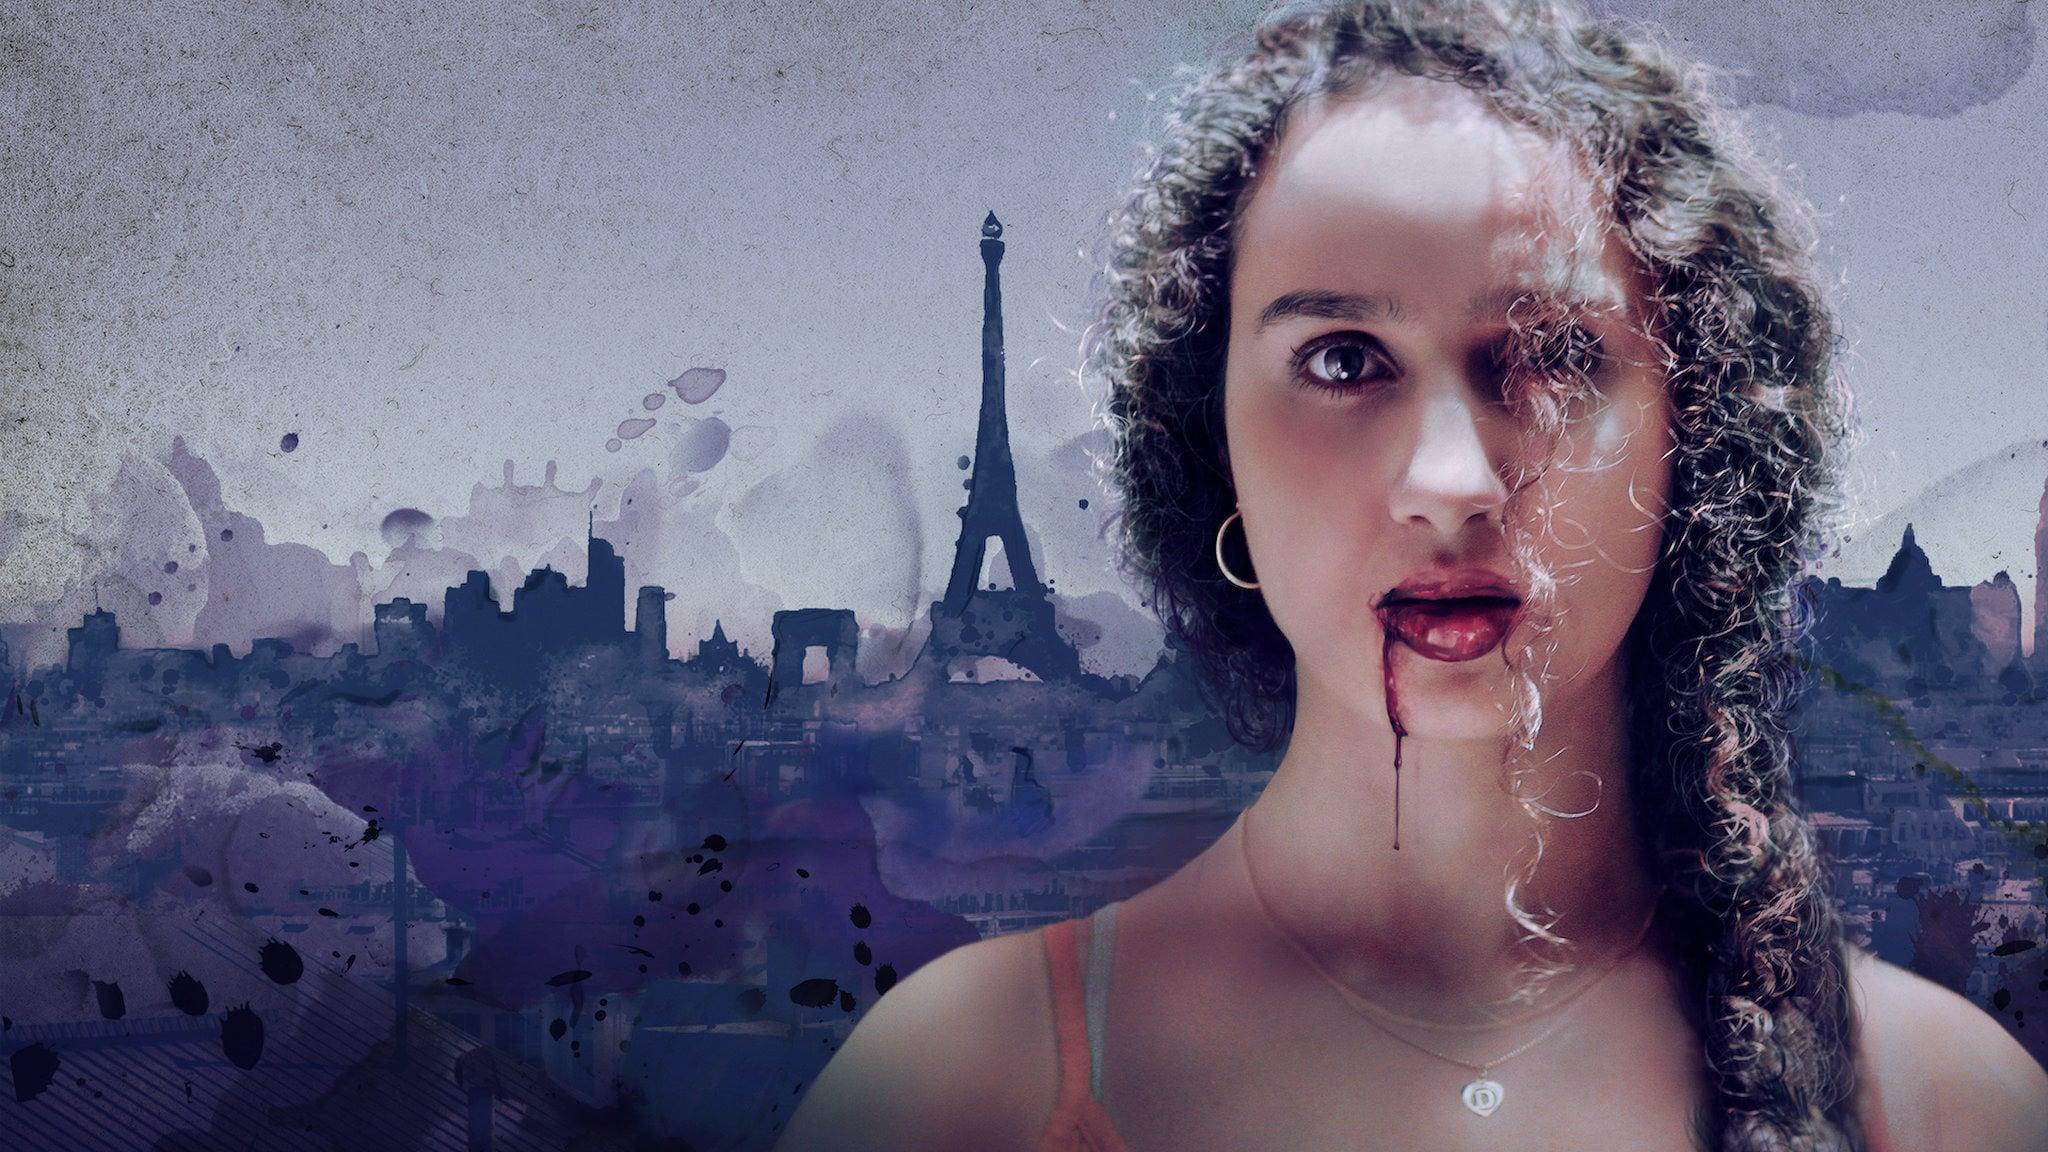 少女吸血鬼 第一季 Vampires Season 1 (2020)